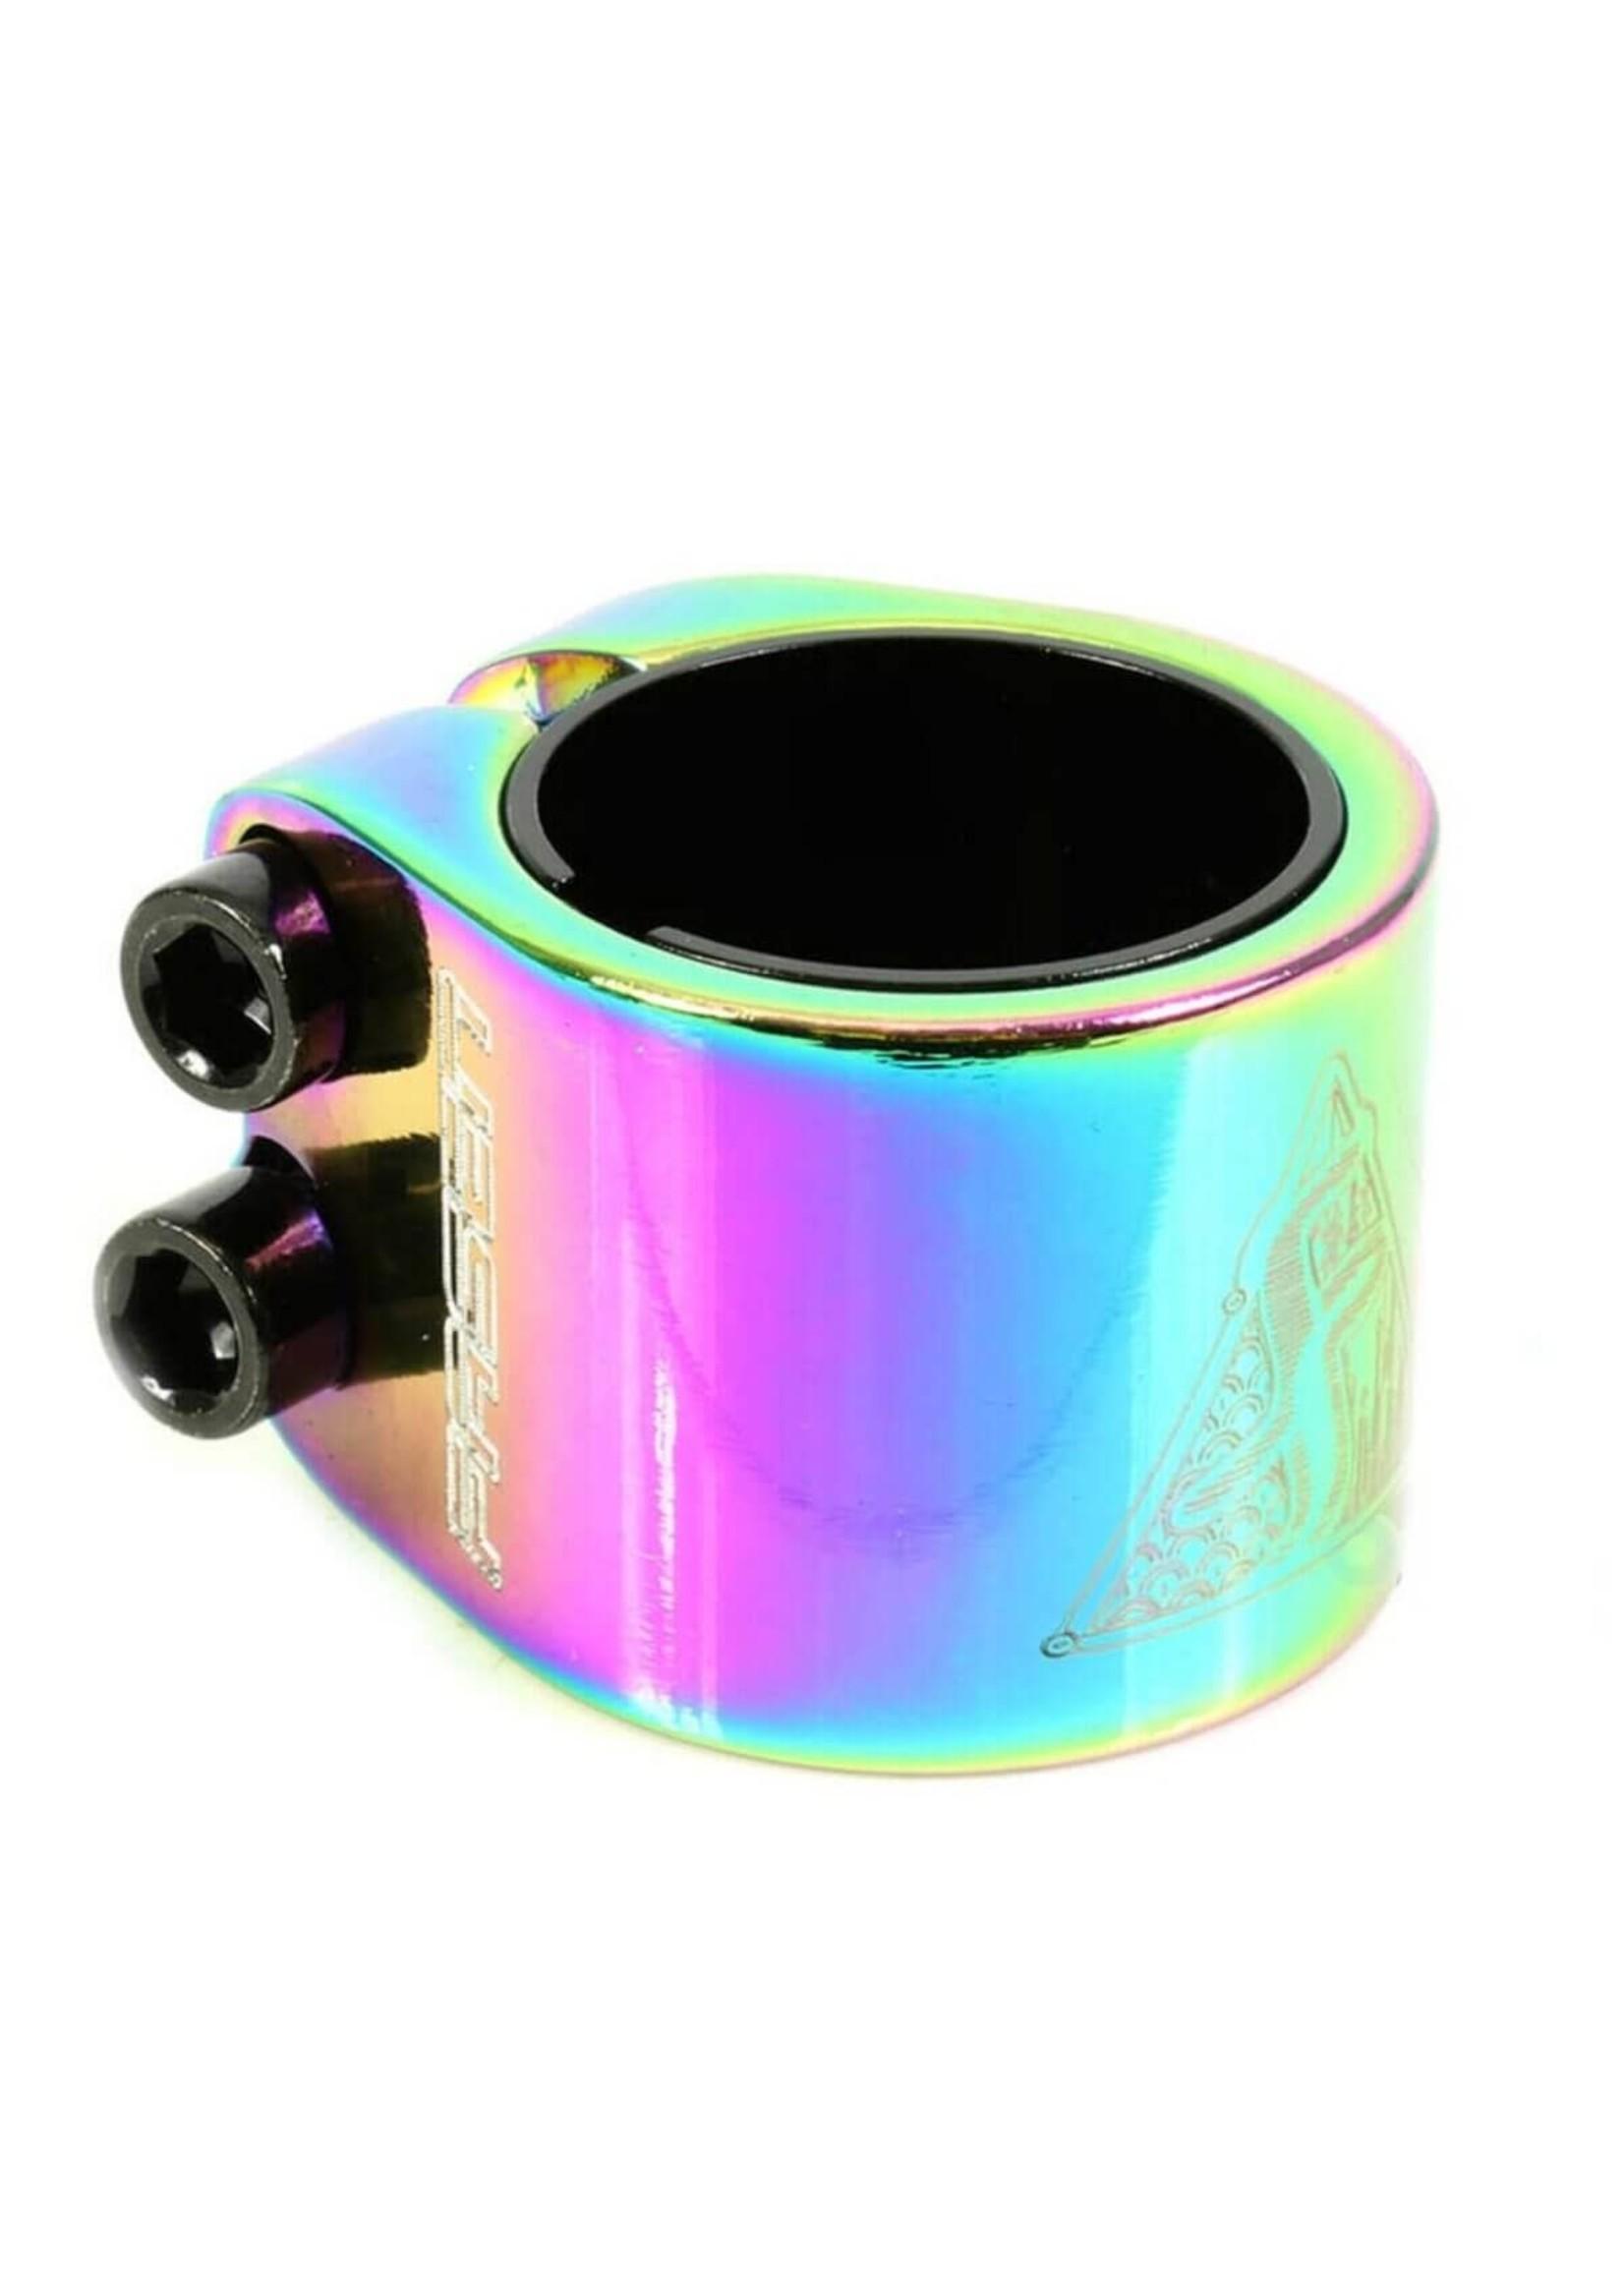 Fasen Fasen - 2 Bolt Clamp - HIC